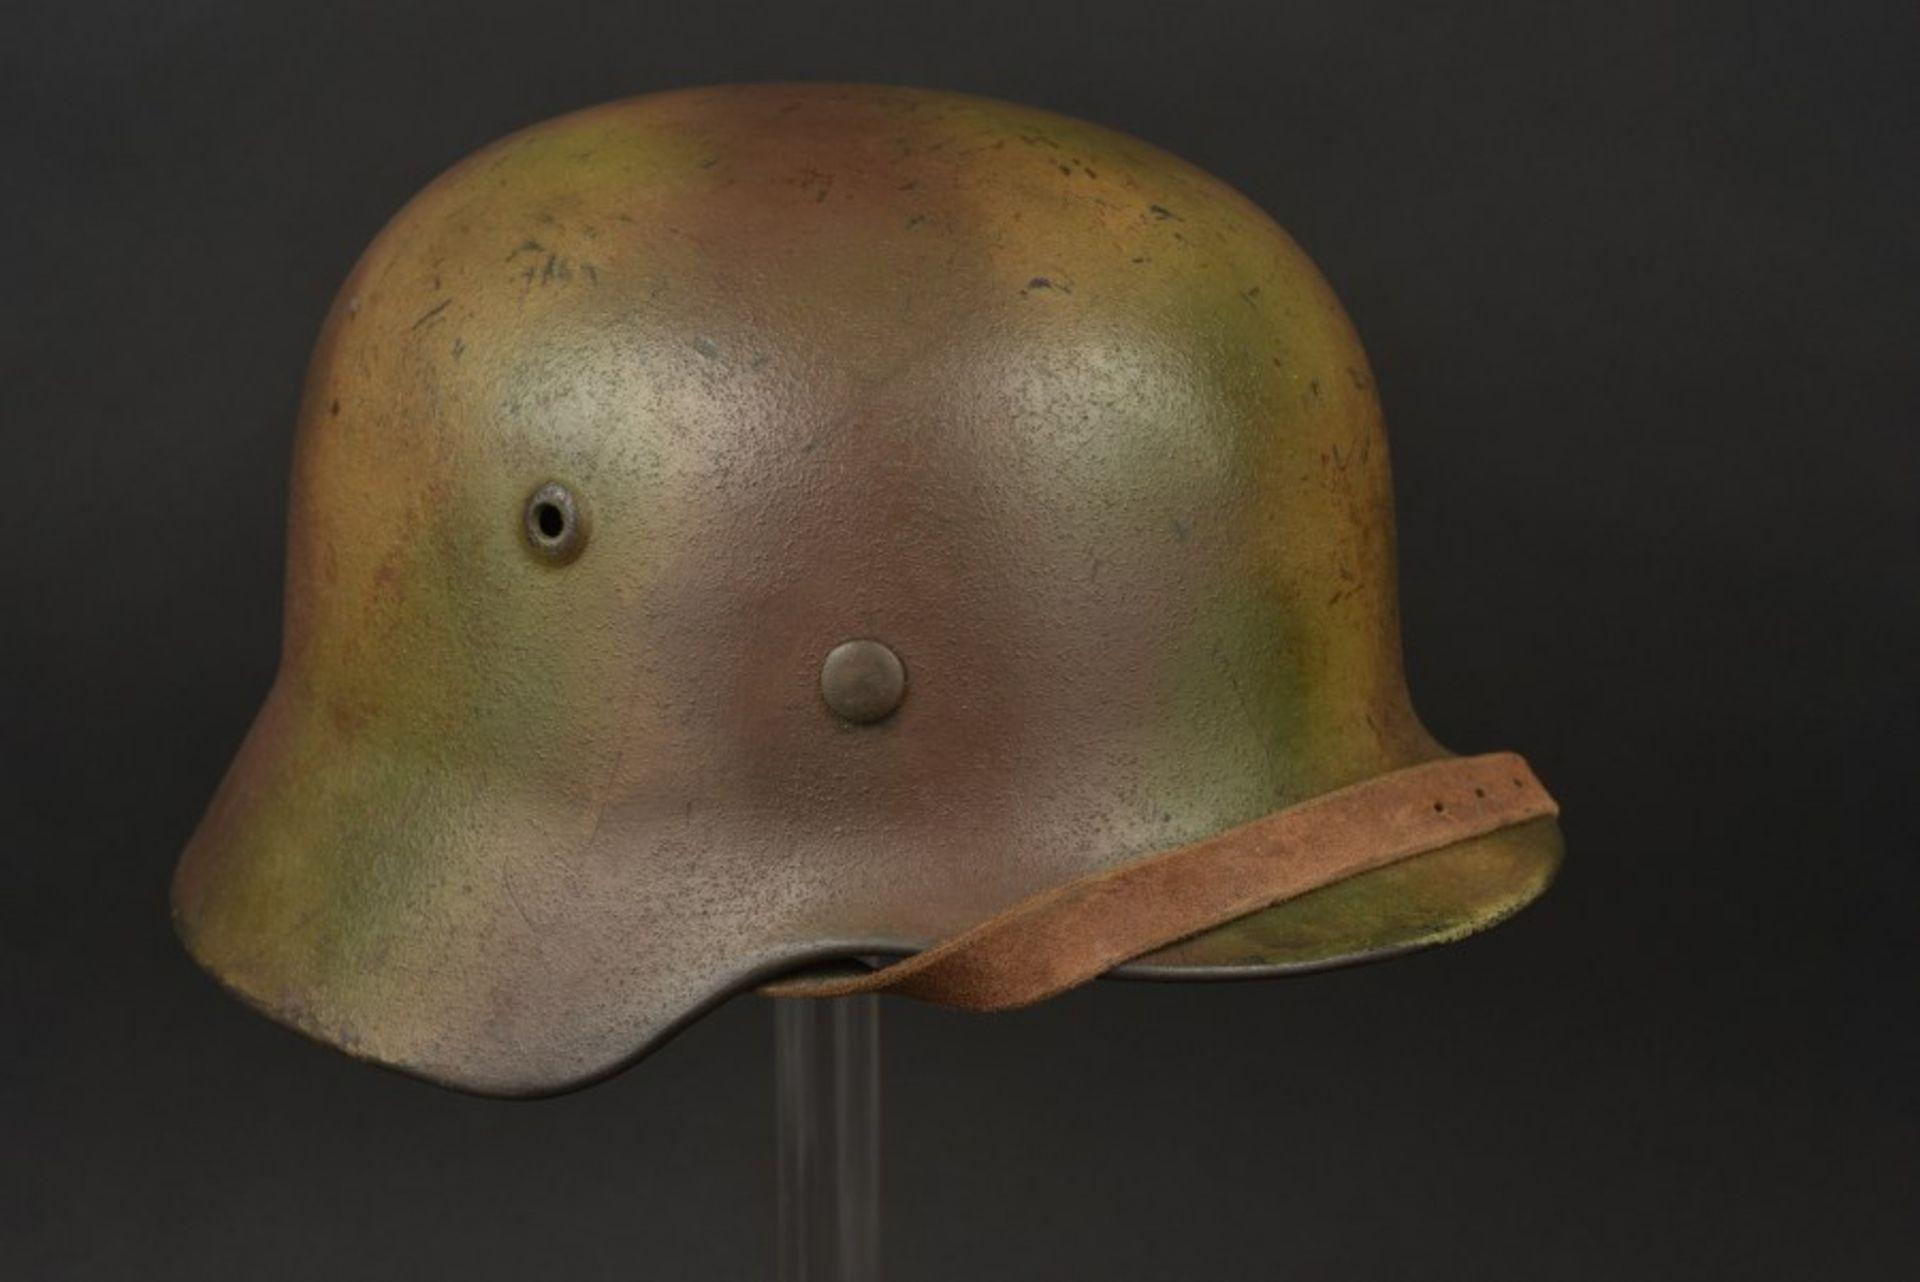 Casque camouflé de l'Obergefreiter Binnewies. Camouflaged helmet belonging to Obergefreiter